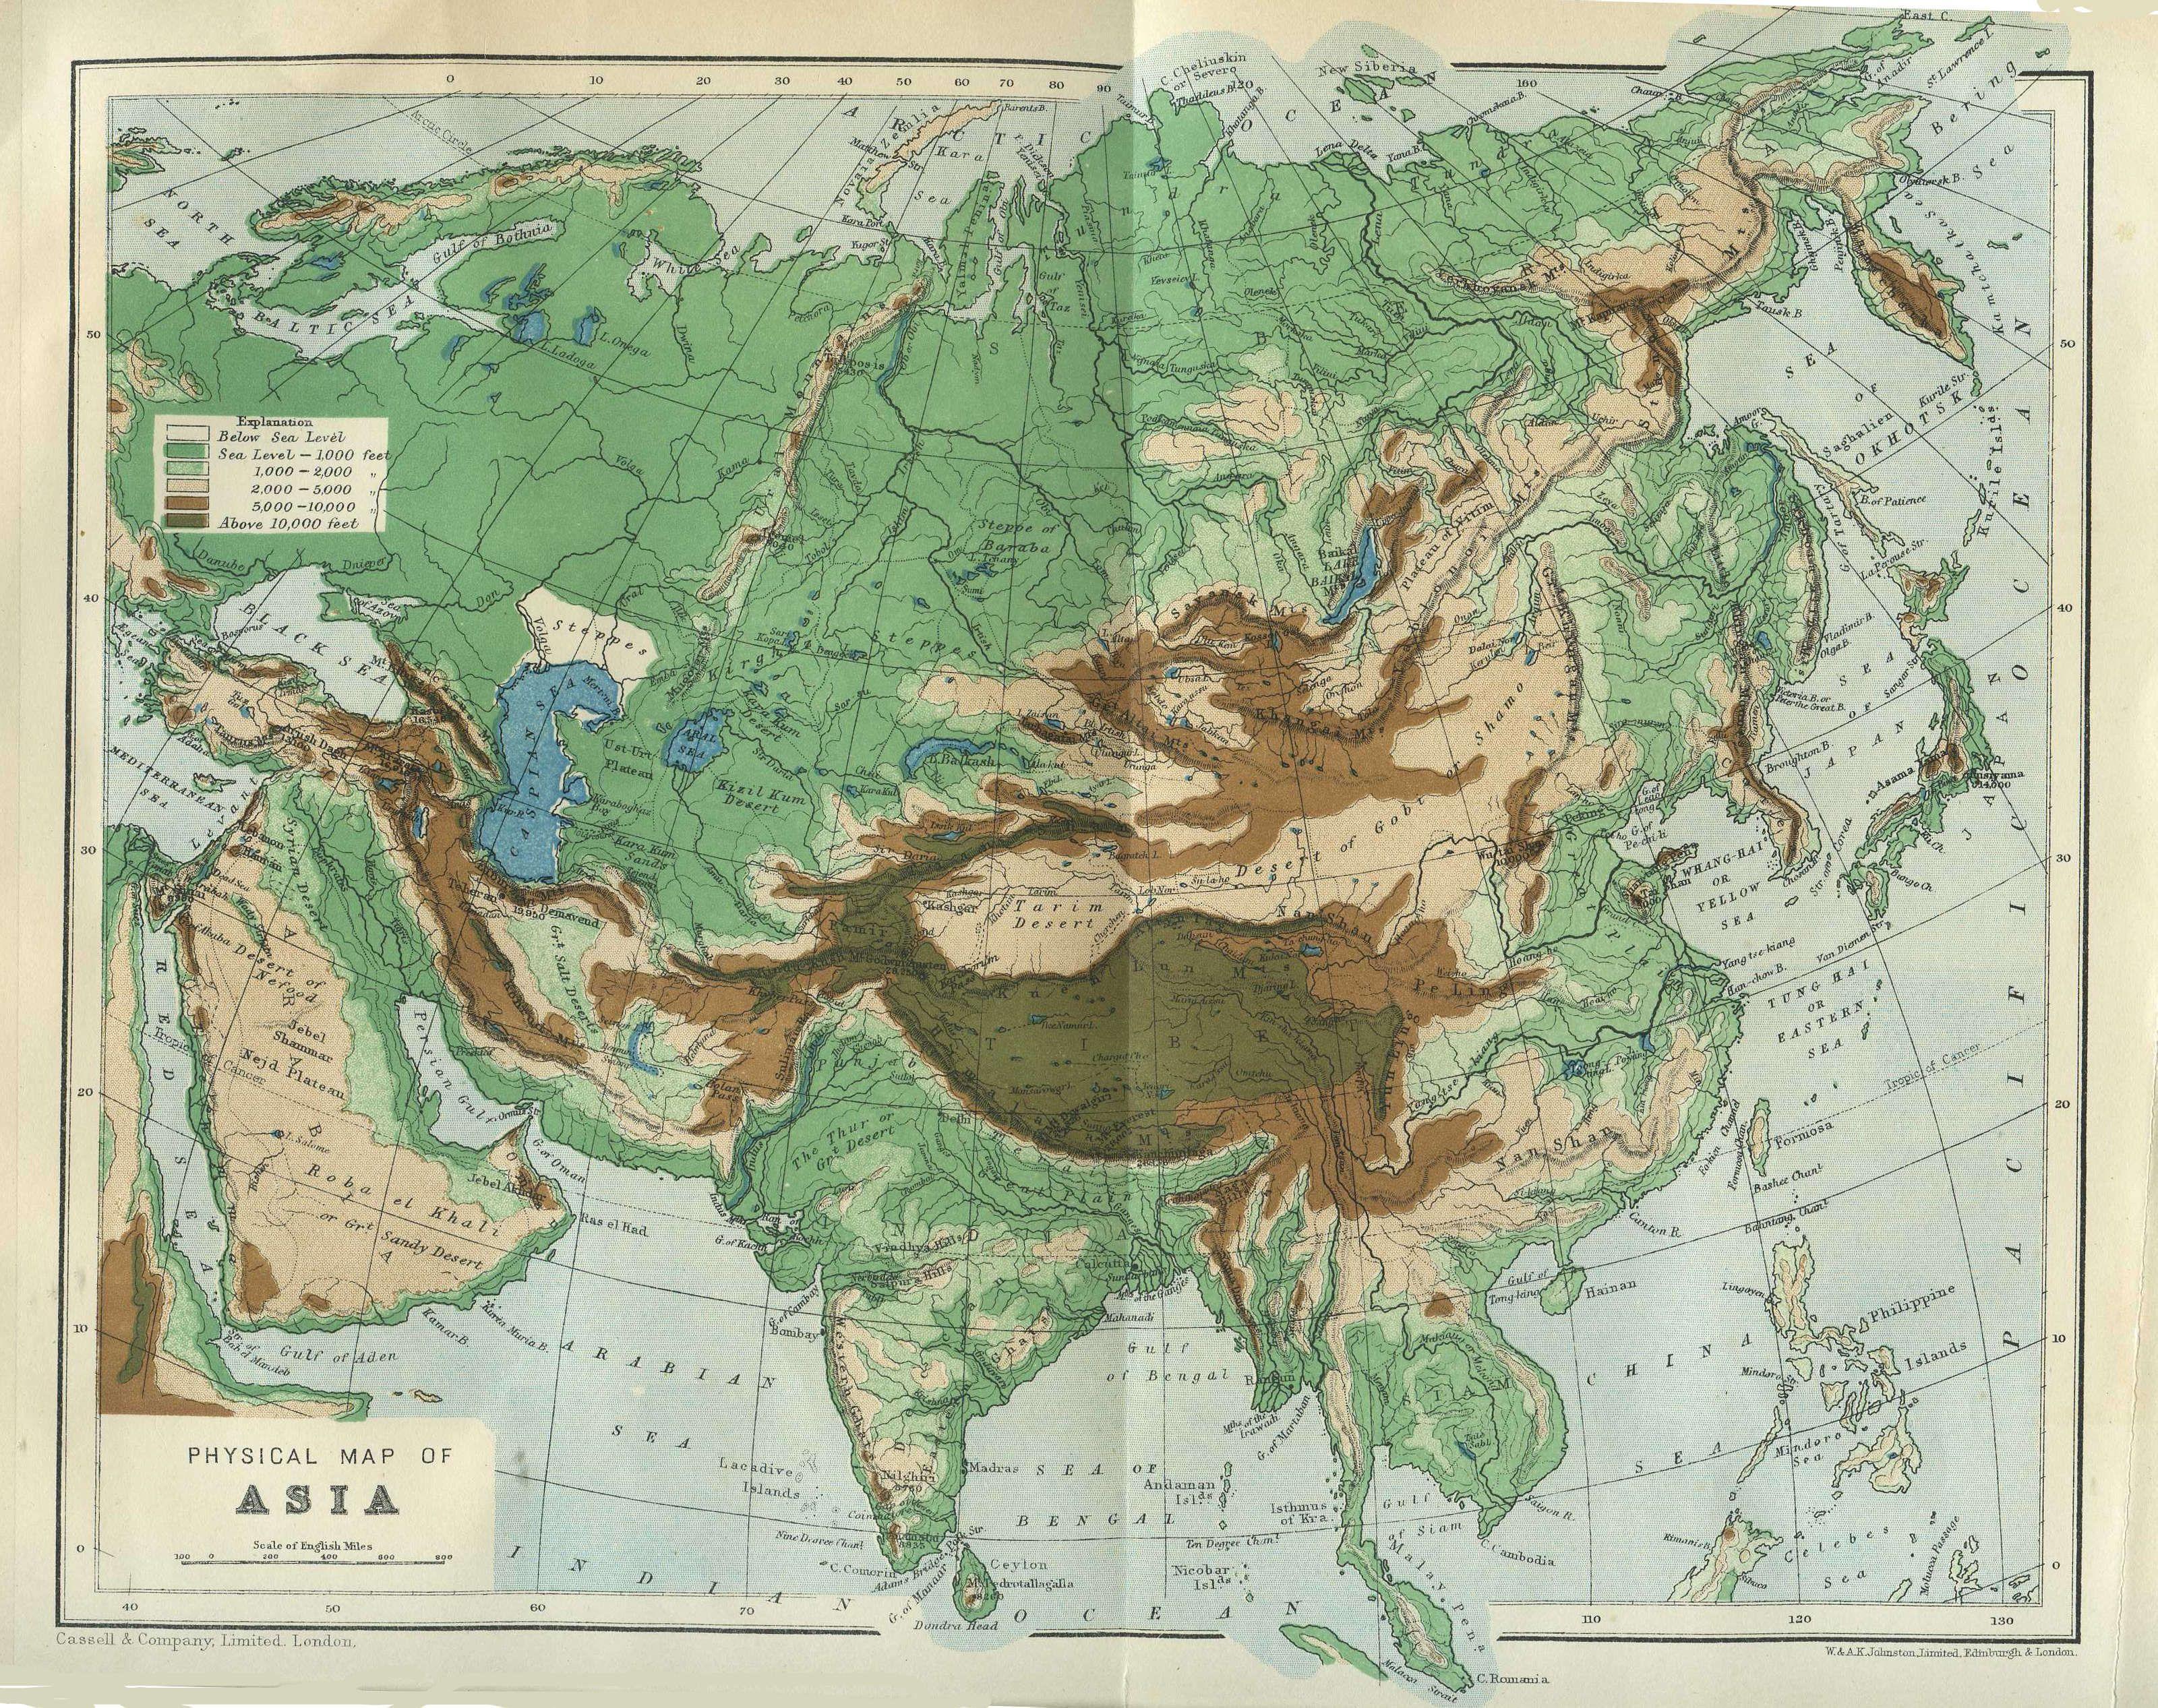 亚洲地形地图_亚洲地图_百度知道